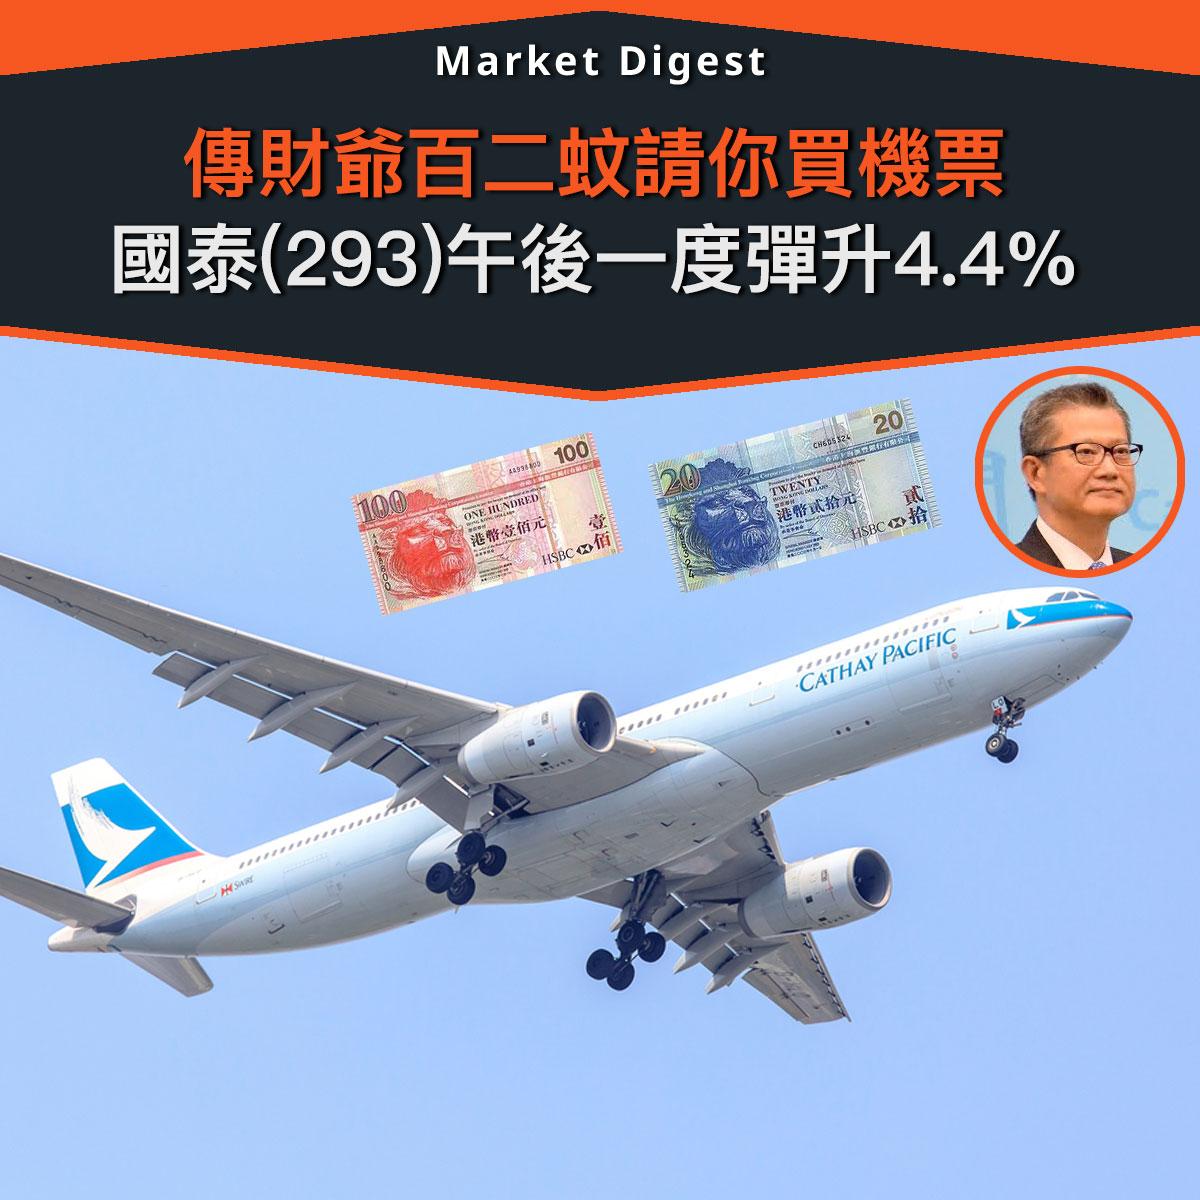 【市場熱話】傳財爺百二蚊請你買機票,國泰(293)午後一度彈升4.4%